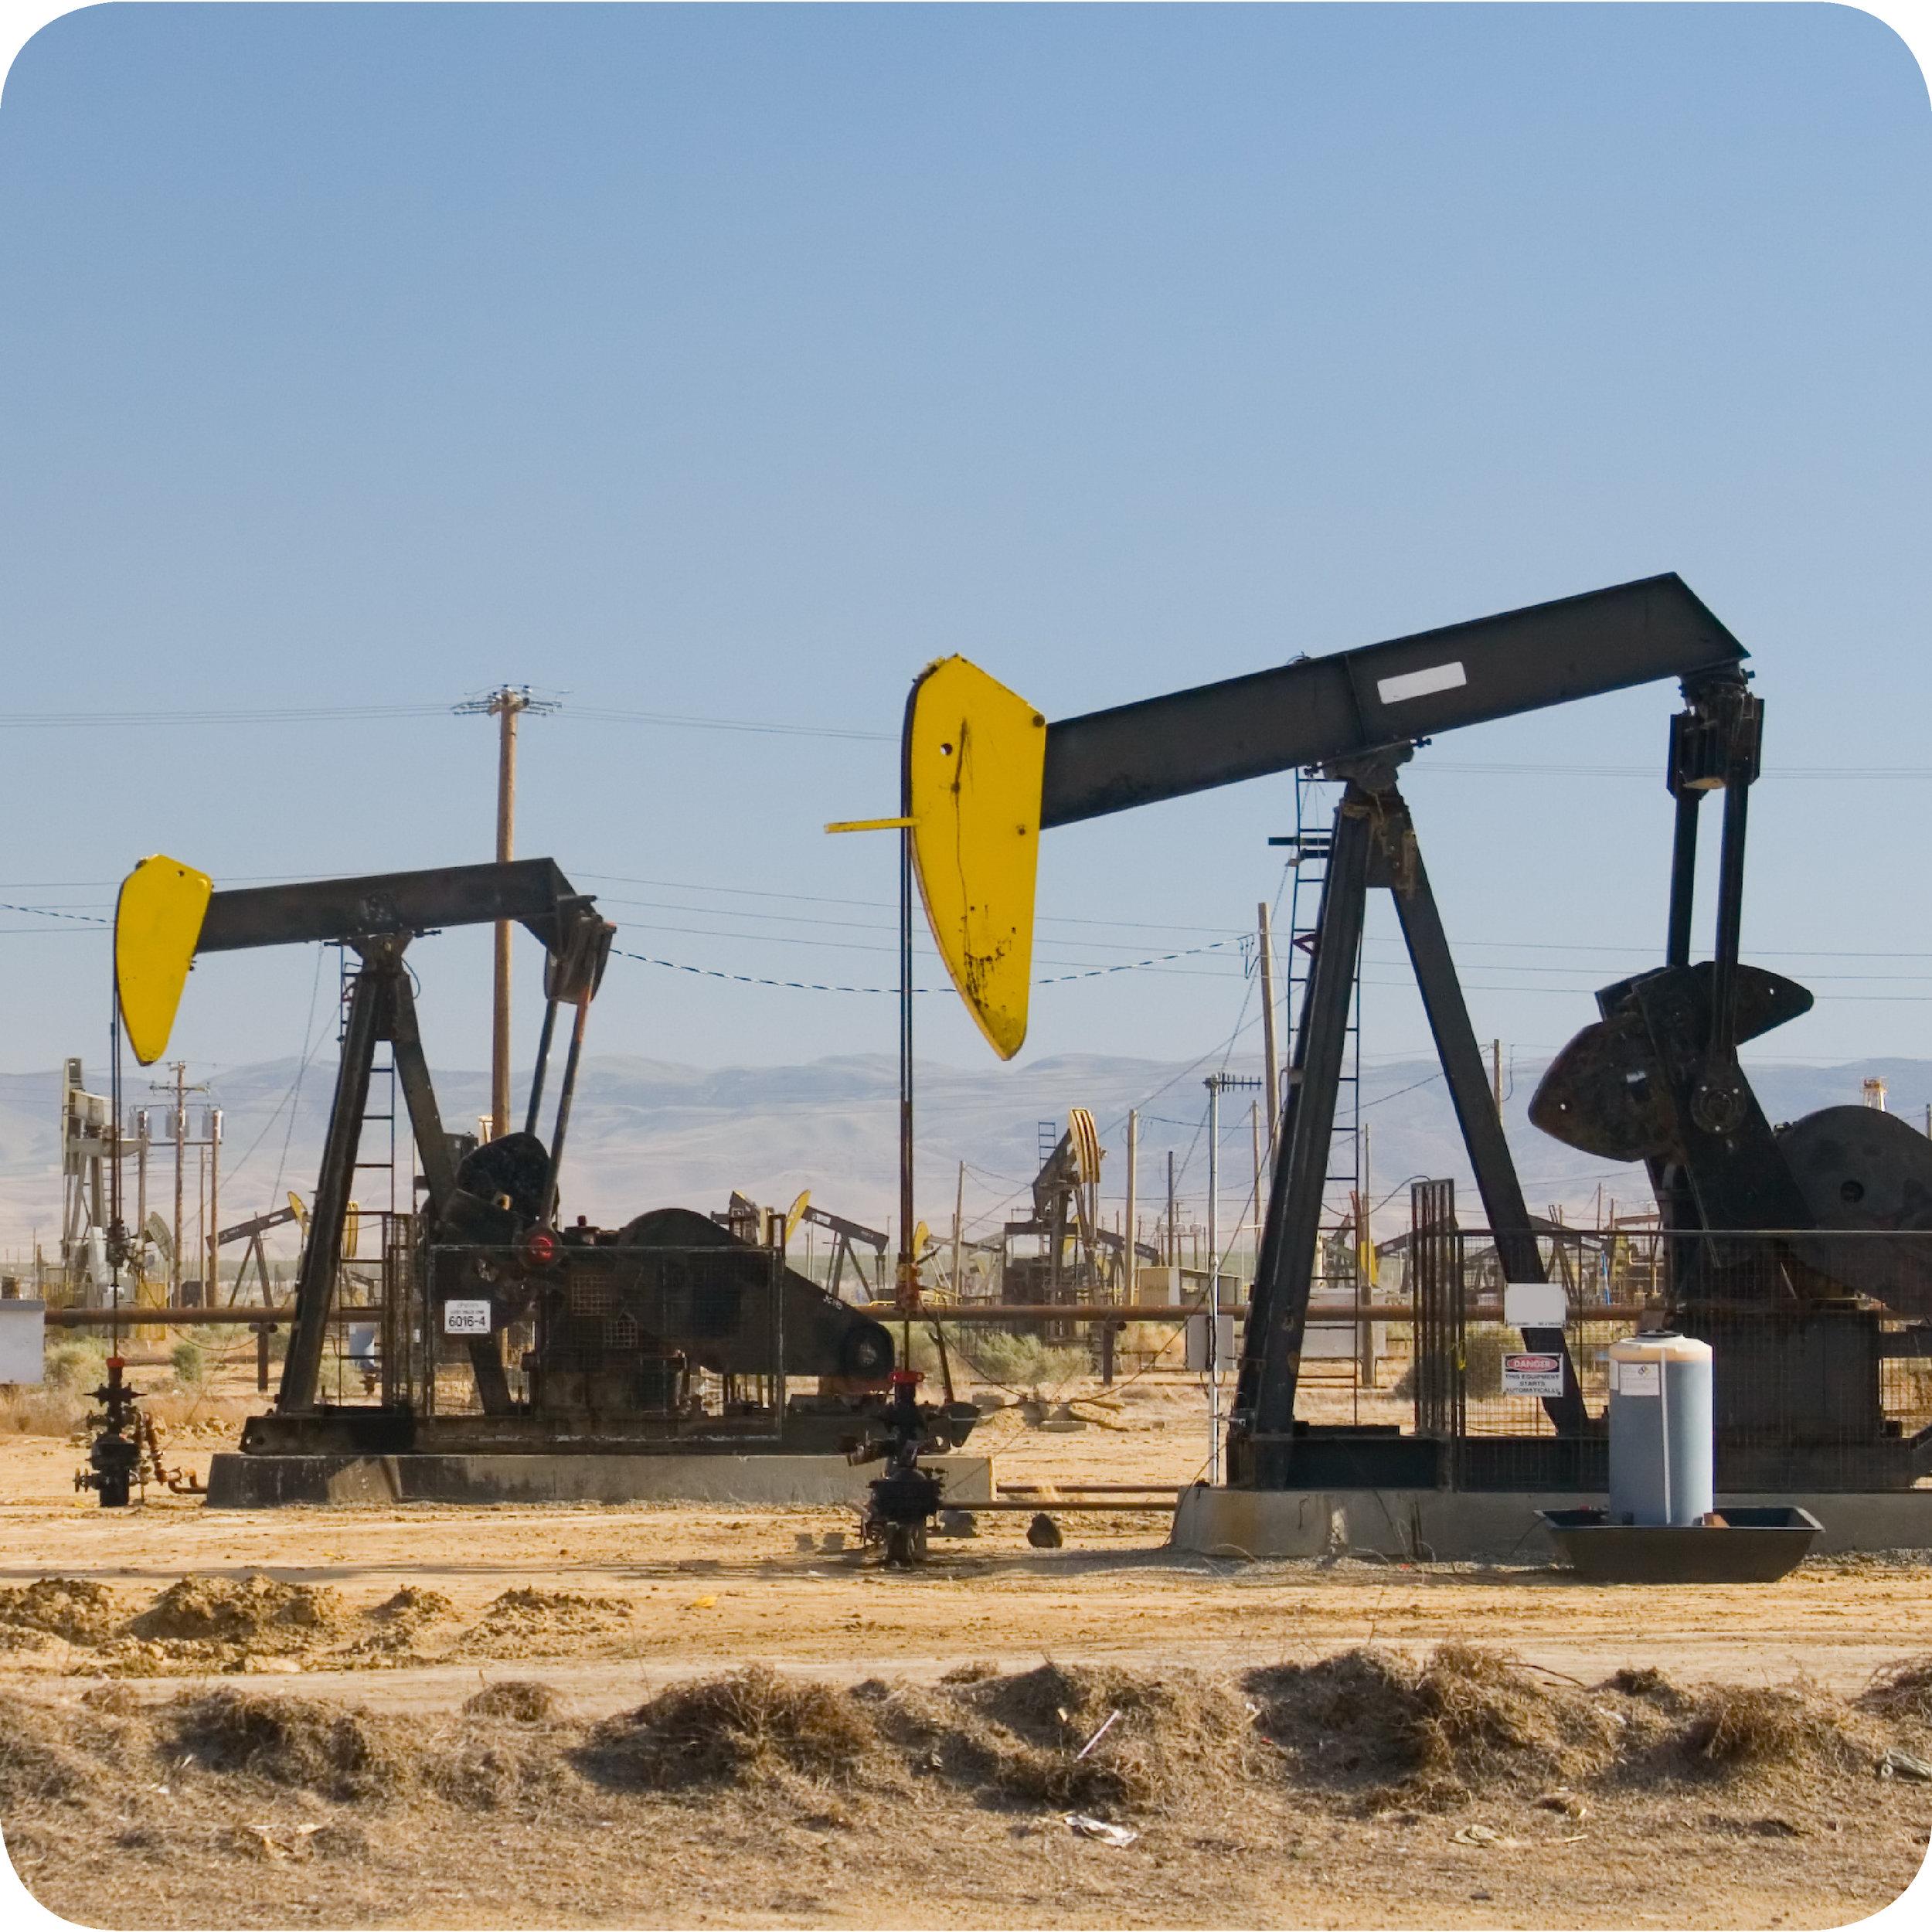 Two pumpjacks in an oil field.